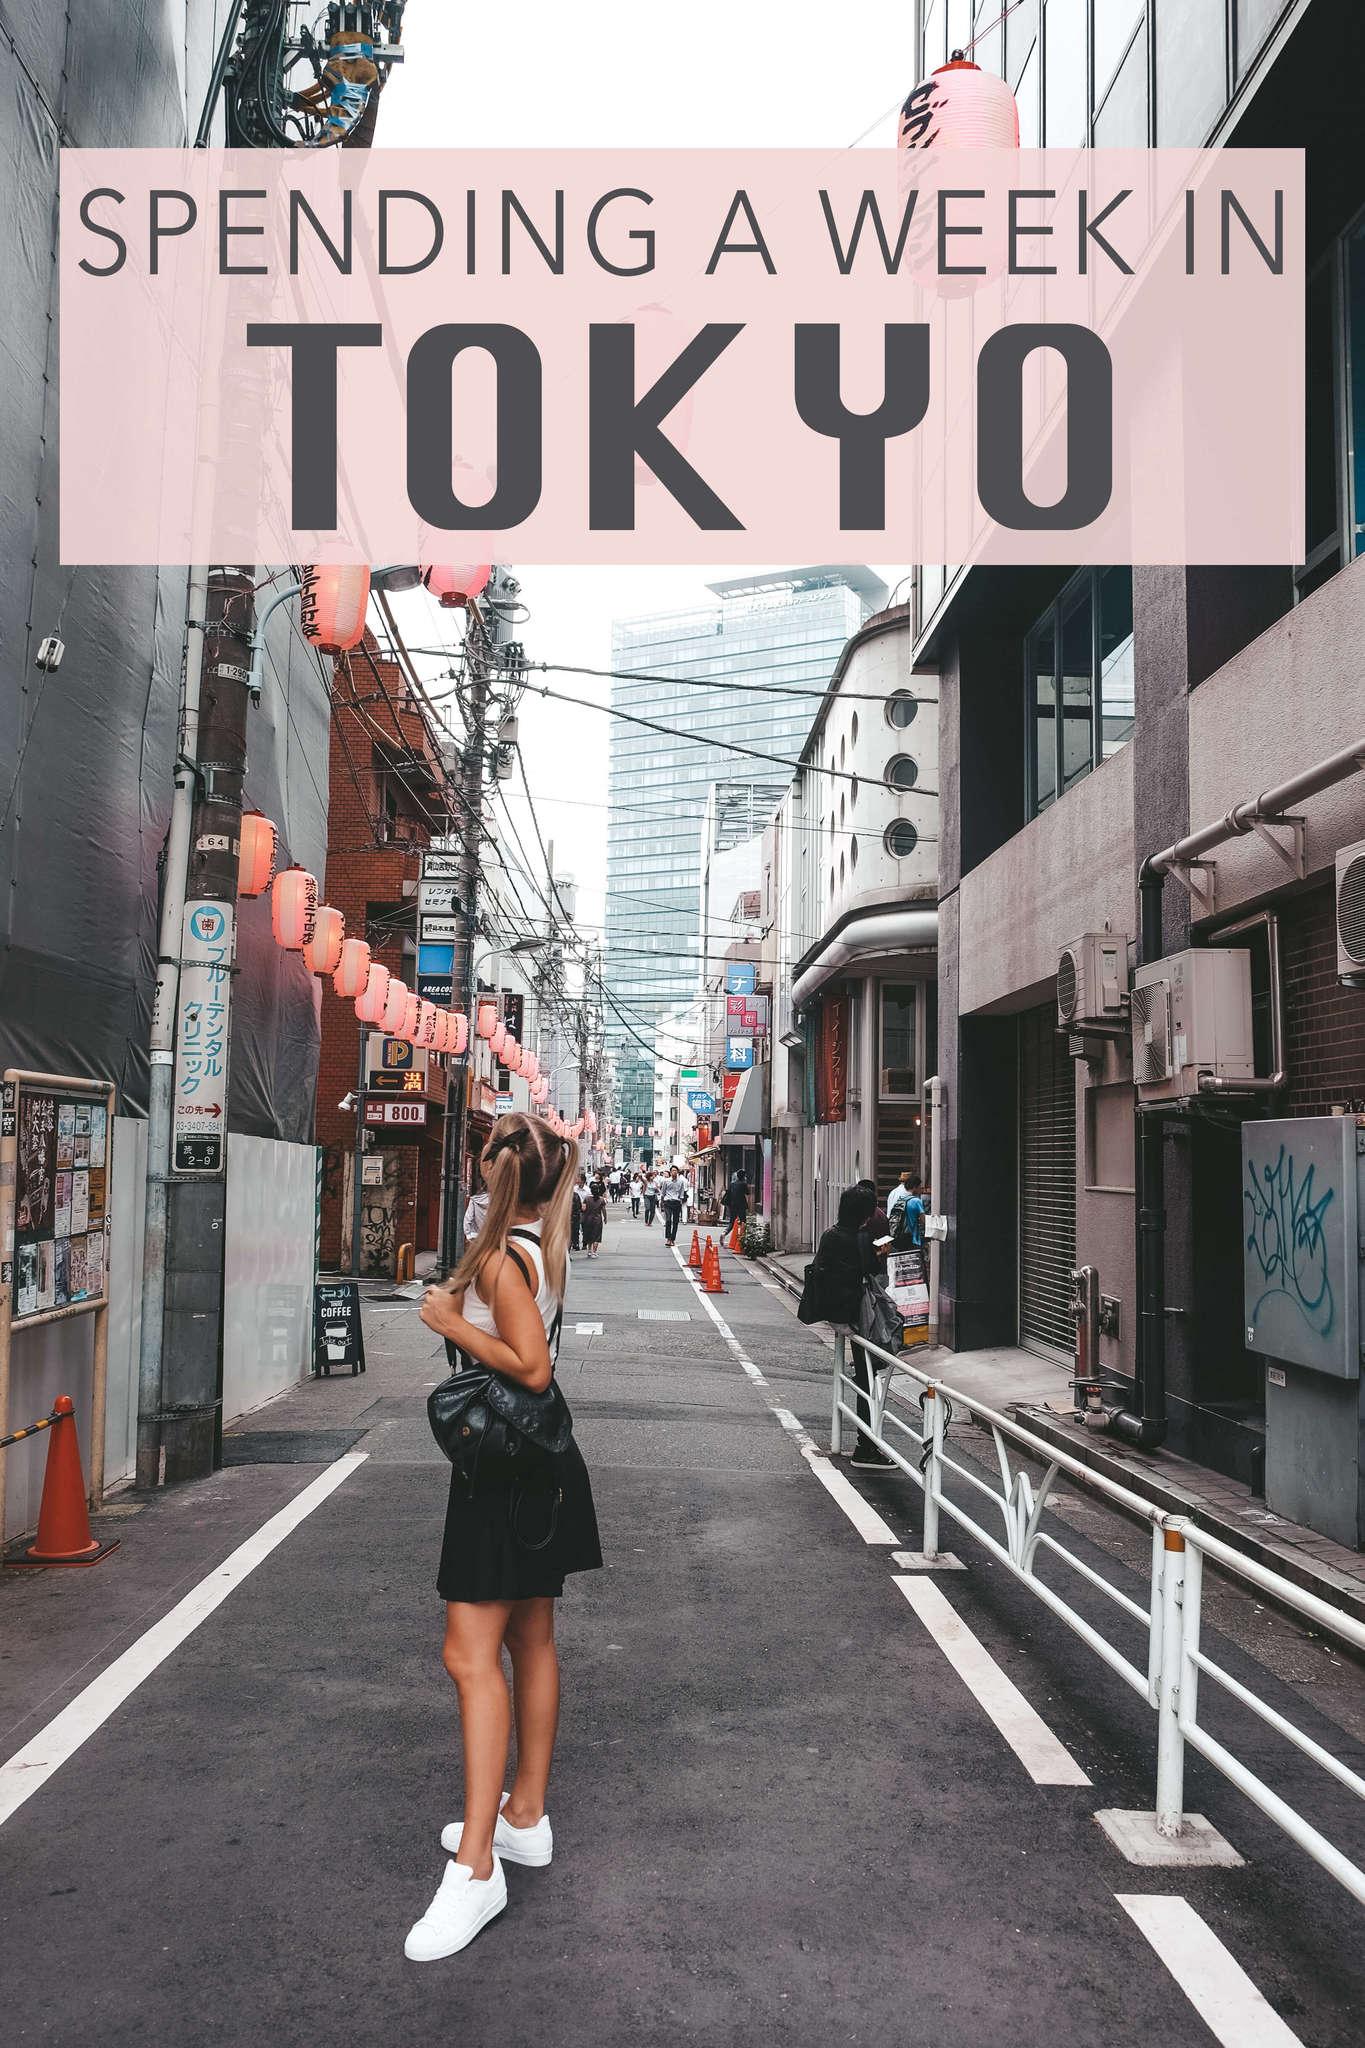 Spending a Week in Tokyo